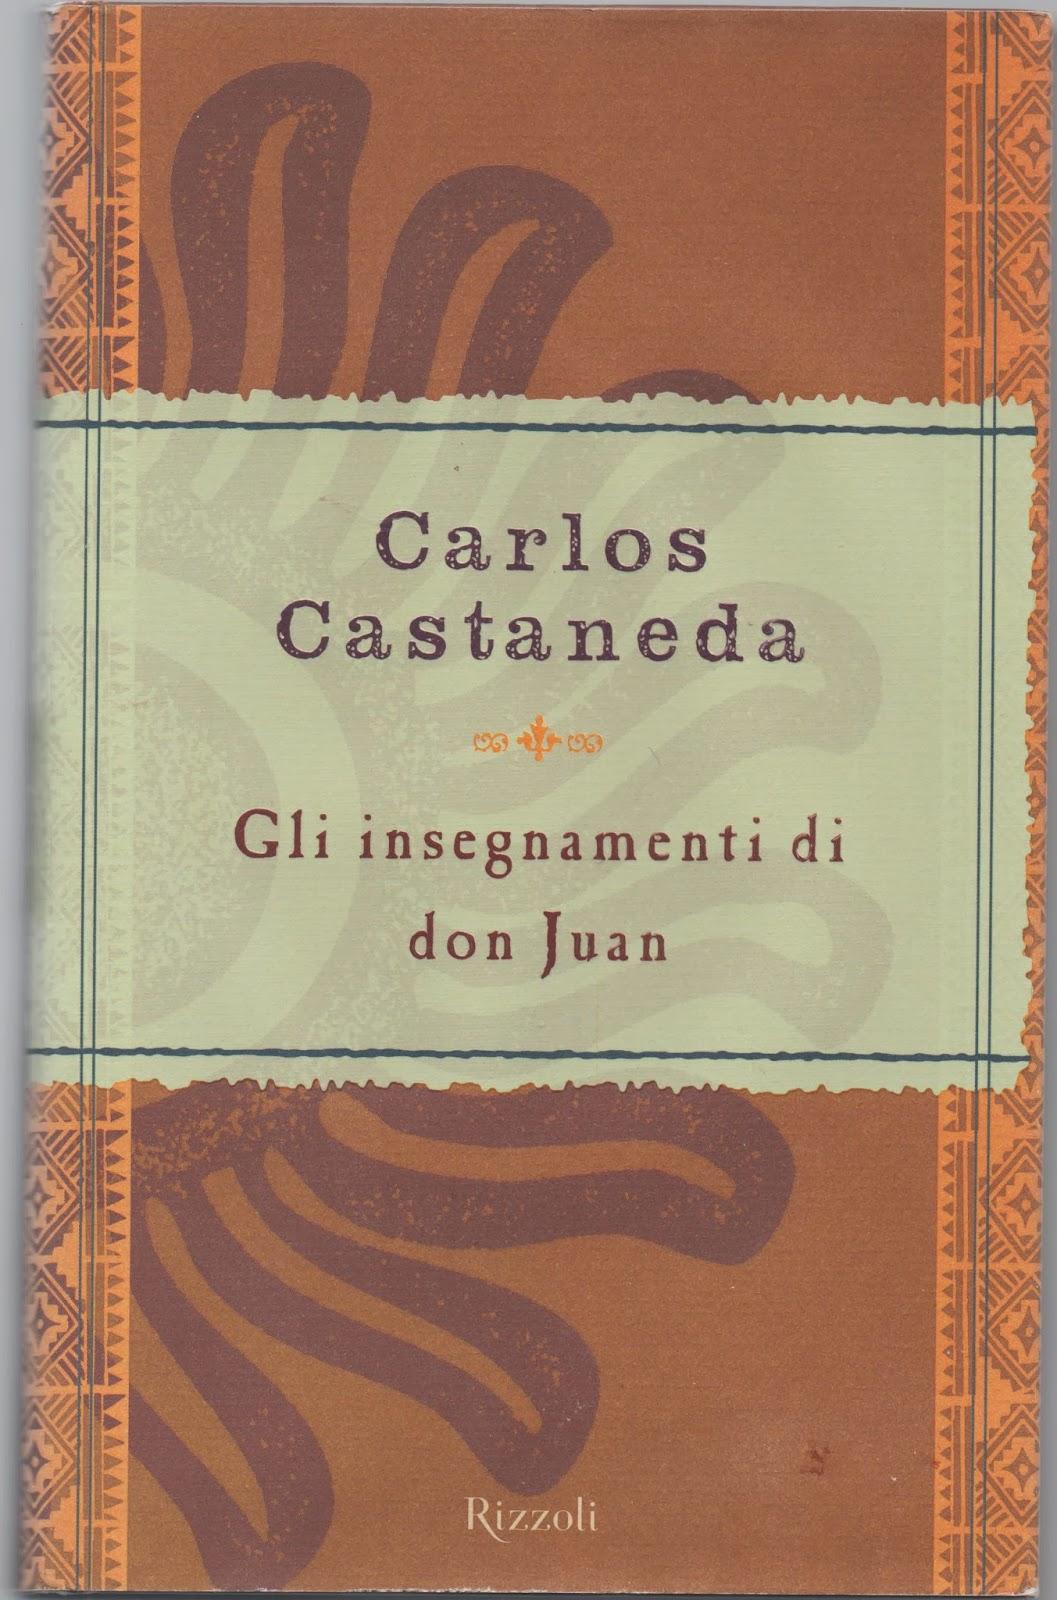 carlos castaneda books pdf